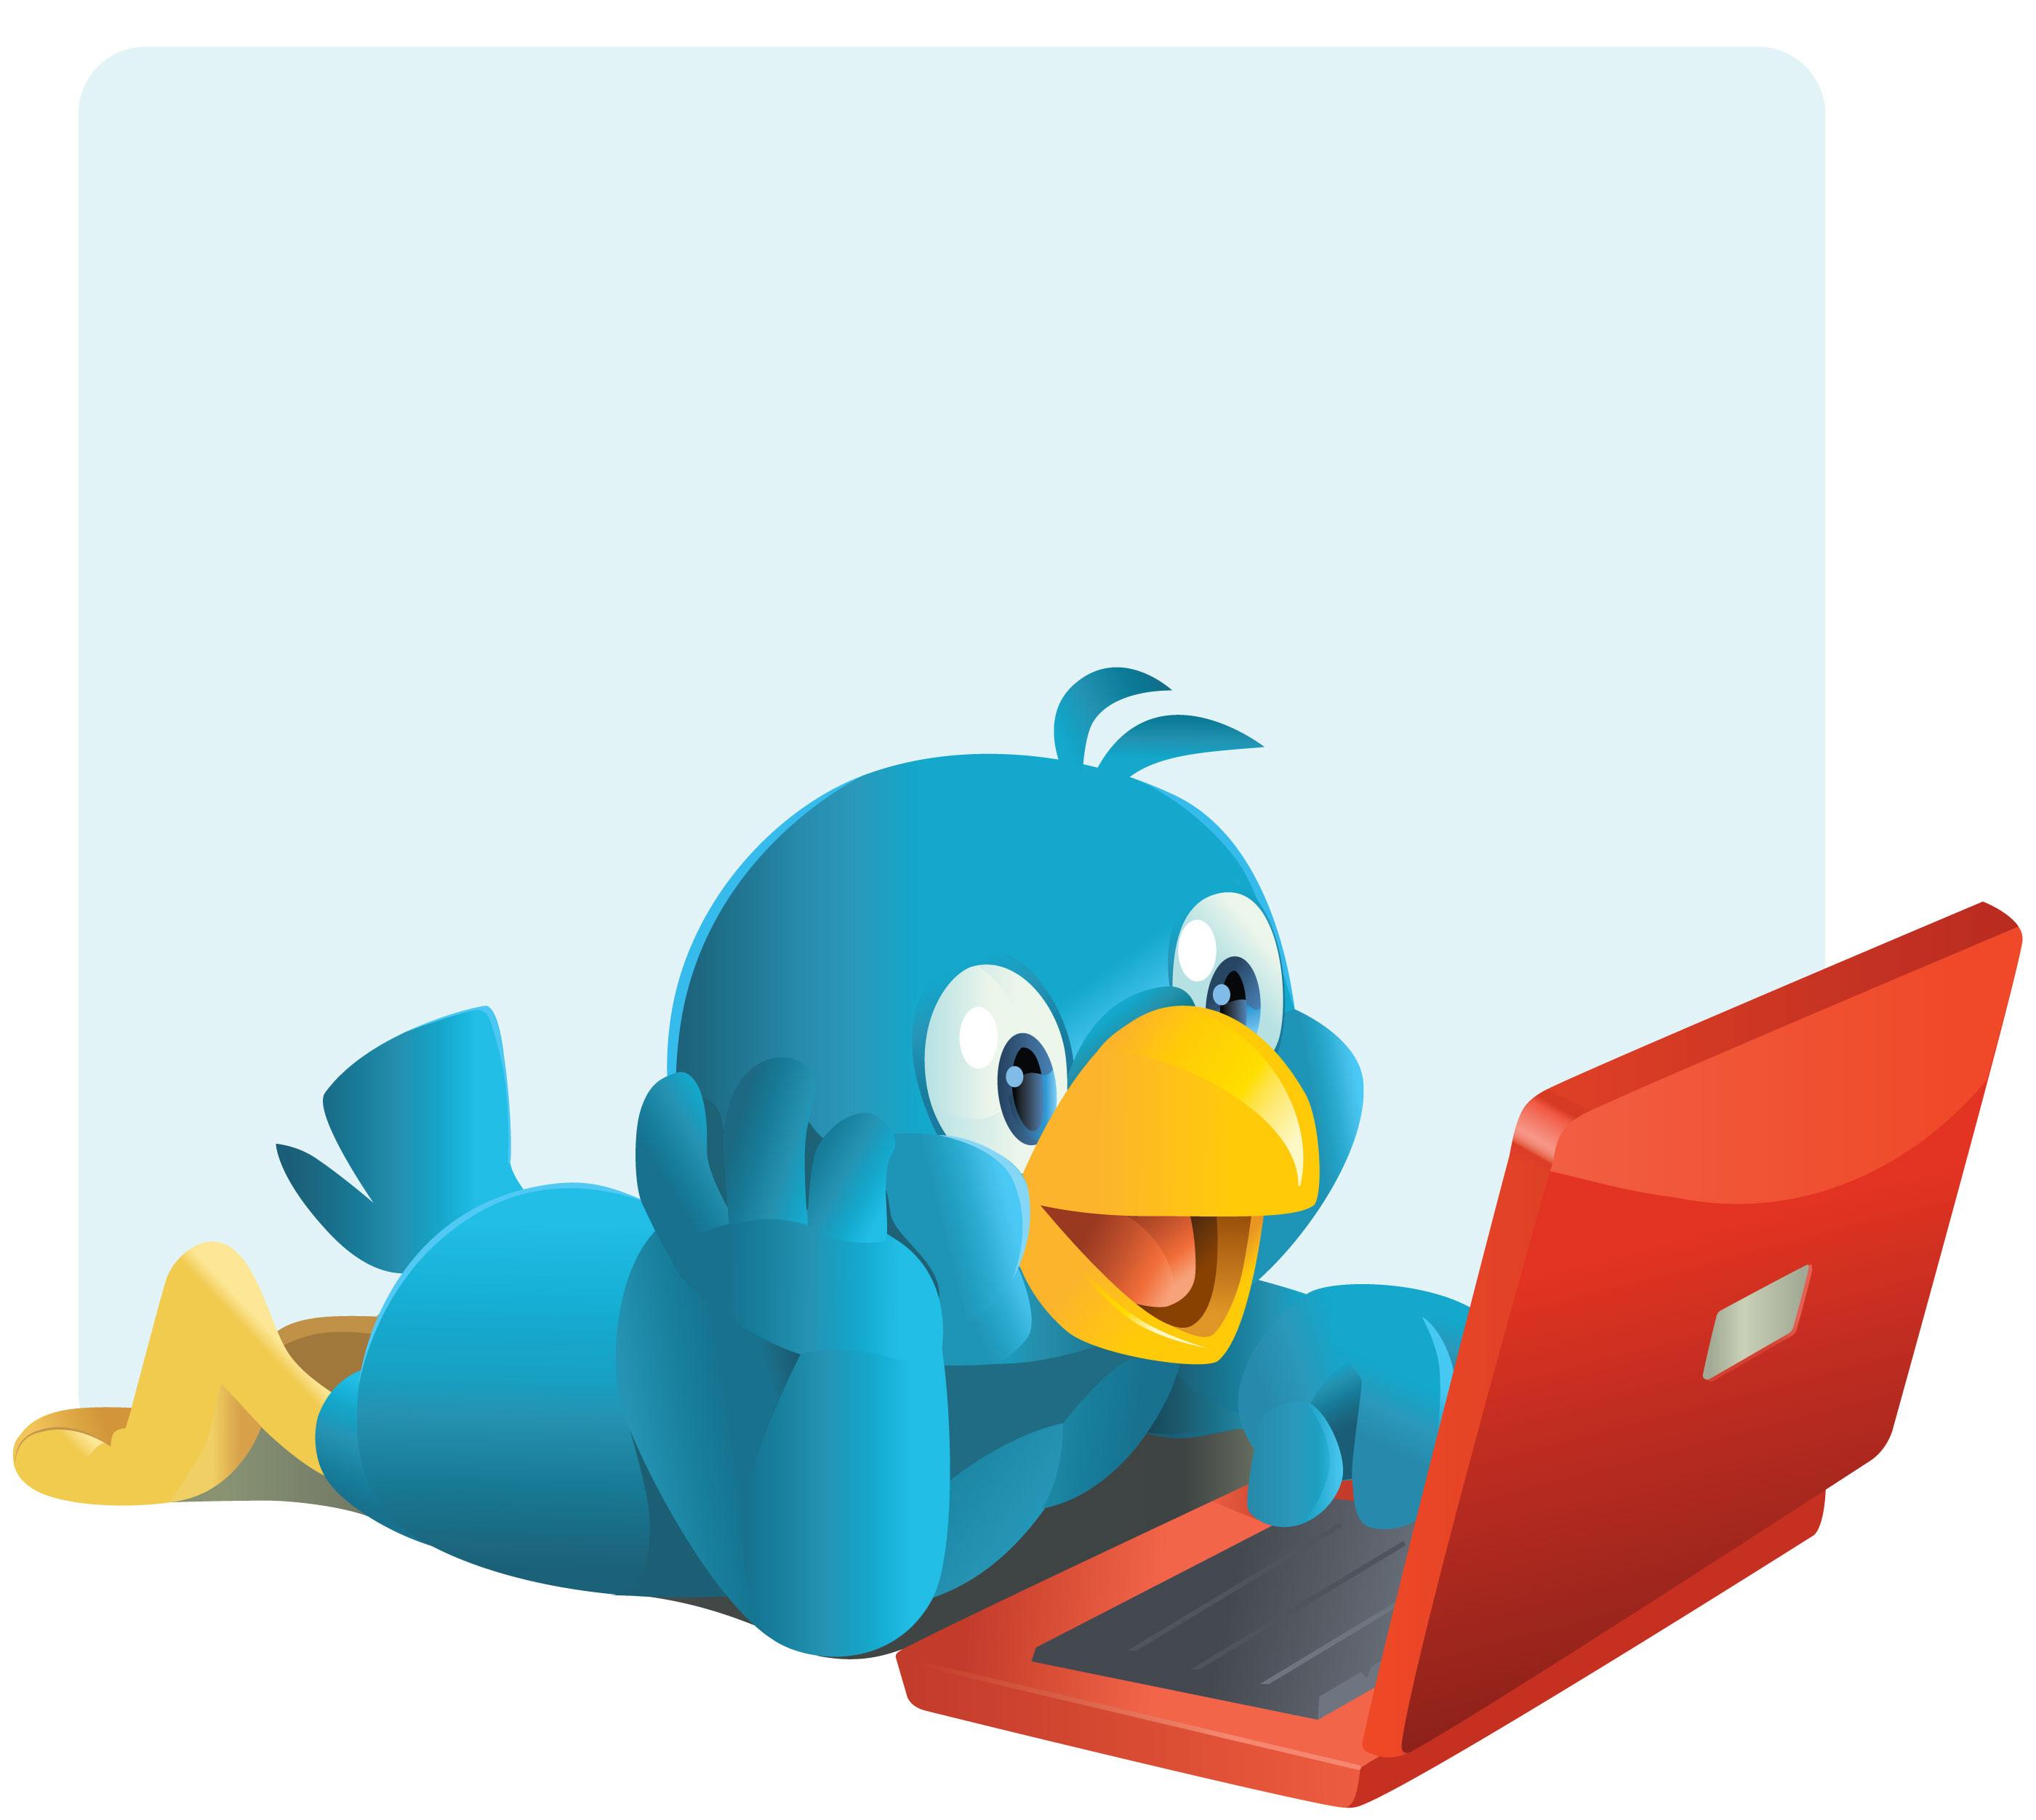 Los mejores trucos y tutoriales para Twitter